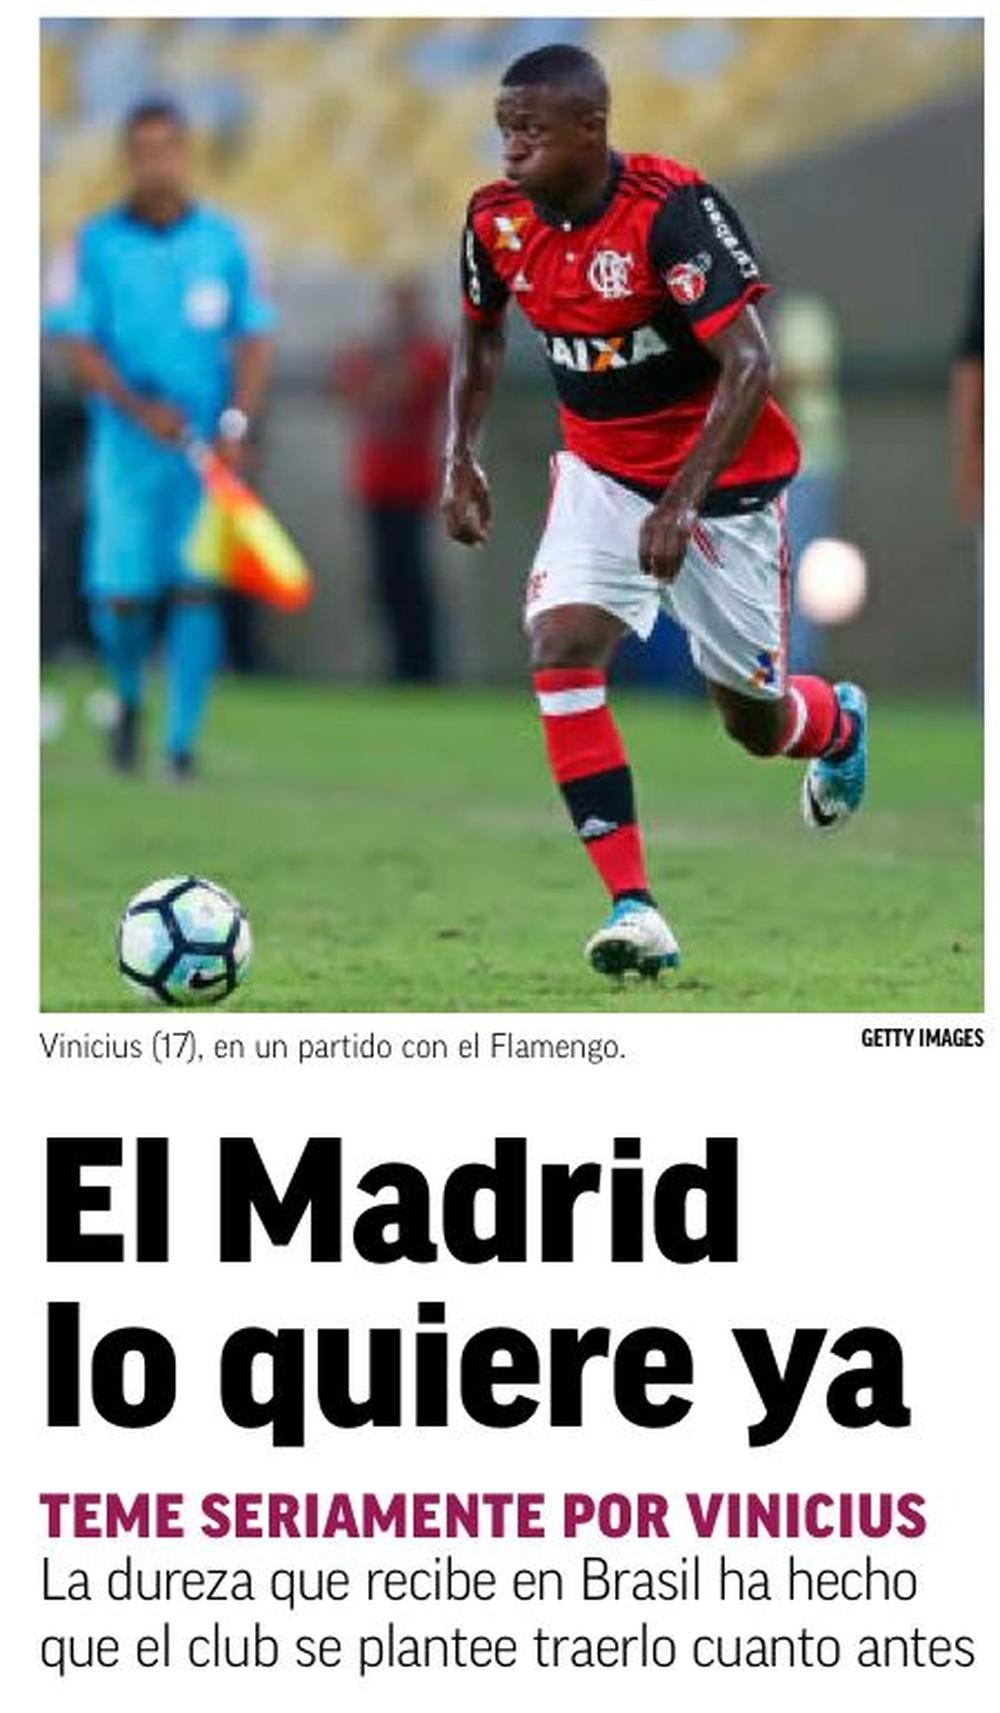 """Vinicius tem seis gols pelo Flamengo em 42 jogos (Foto: Reprodução jornal """"Marca"""")"""